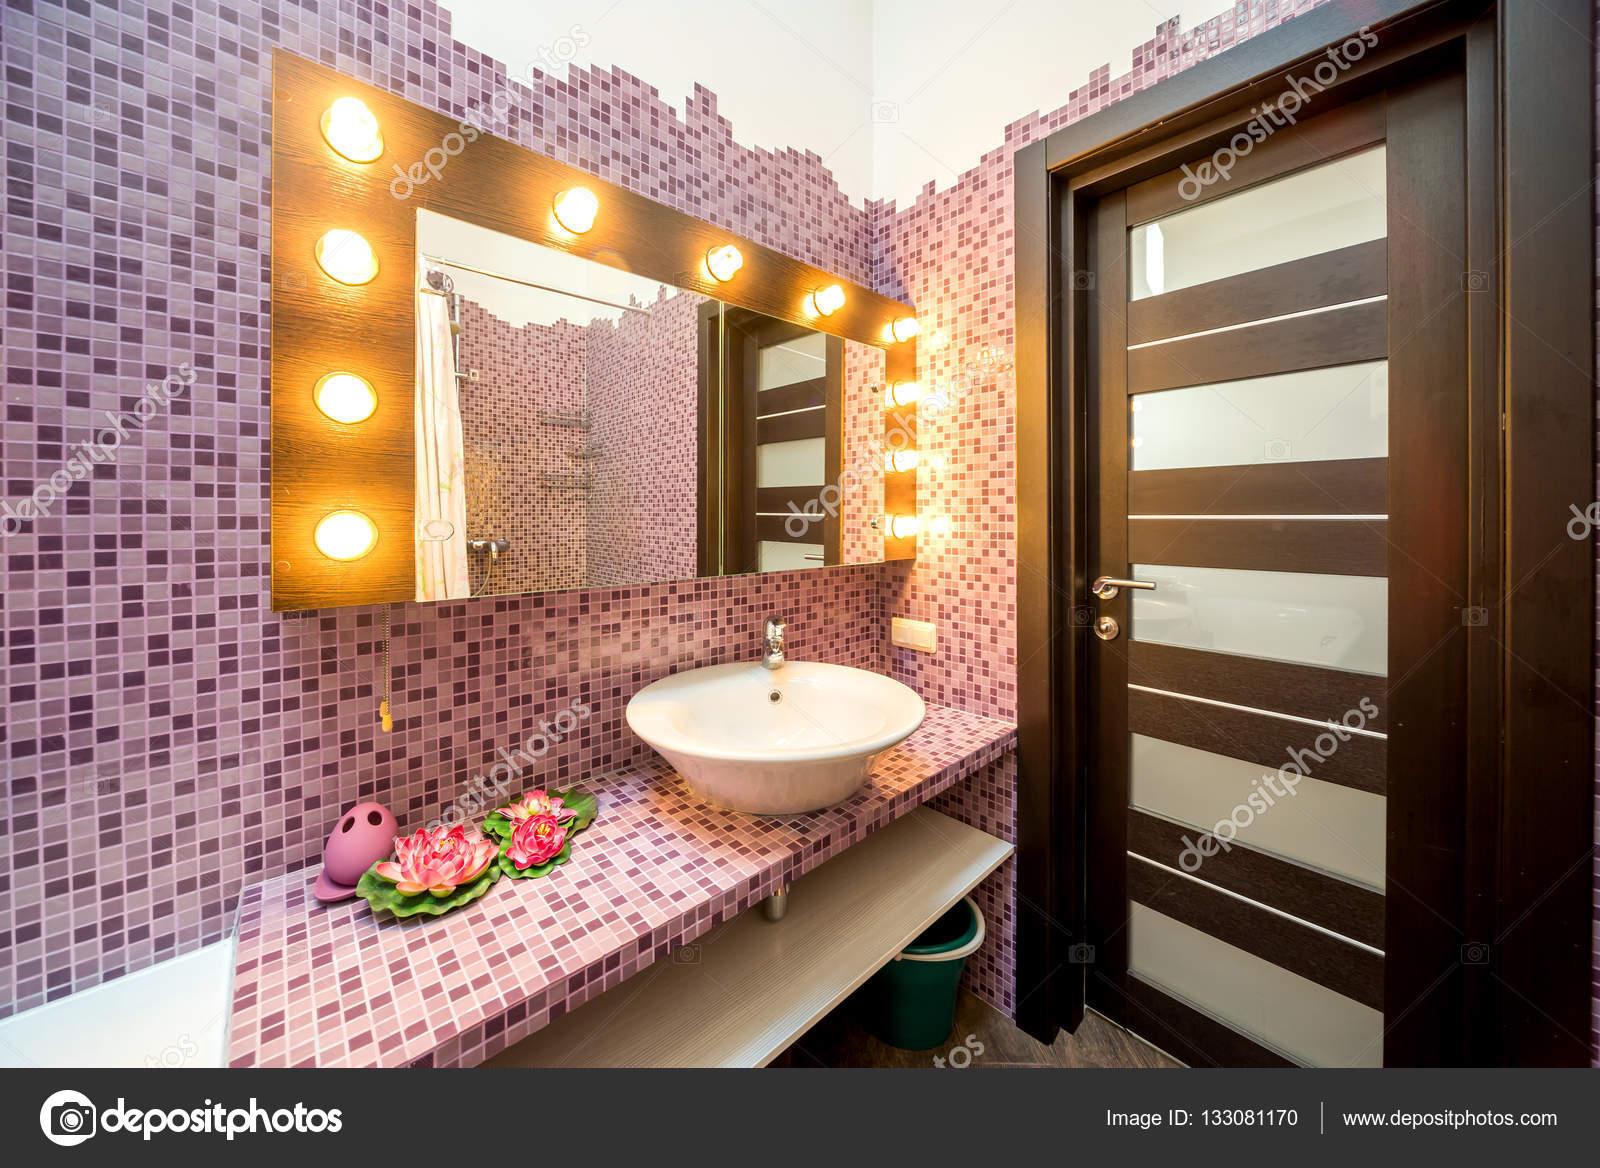 Moderne Badezimmer Interieur Mit Mosaik Schwänzen U2014 Stockfoto